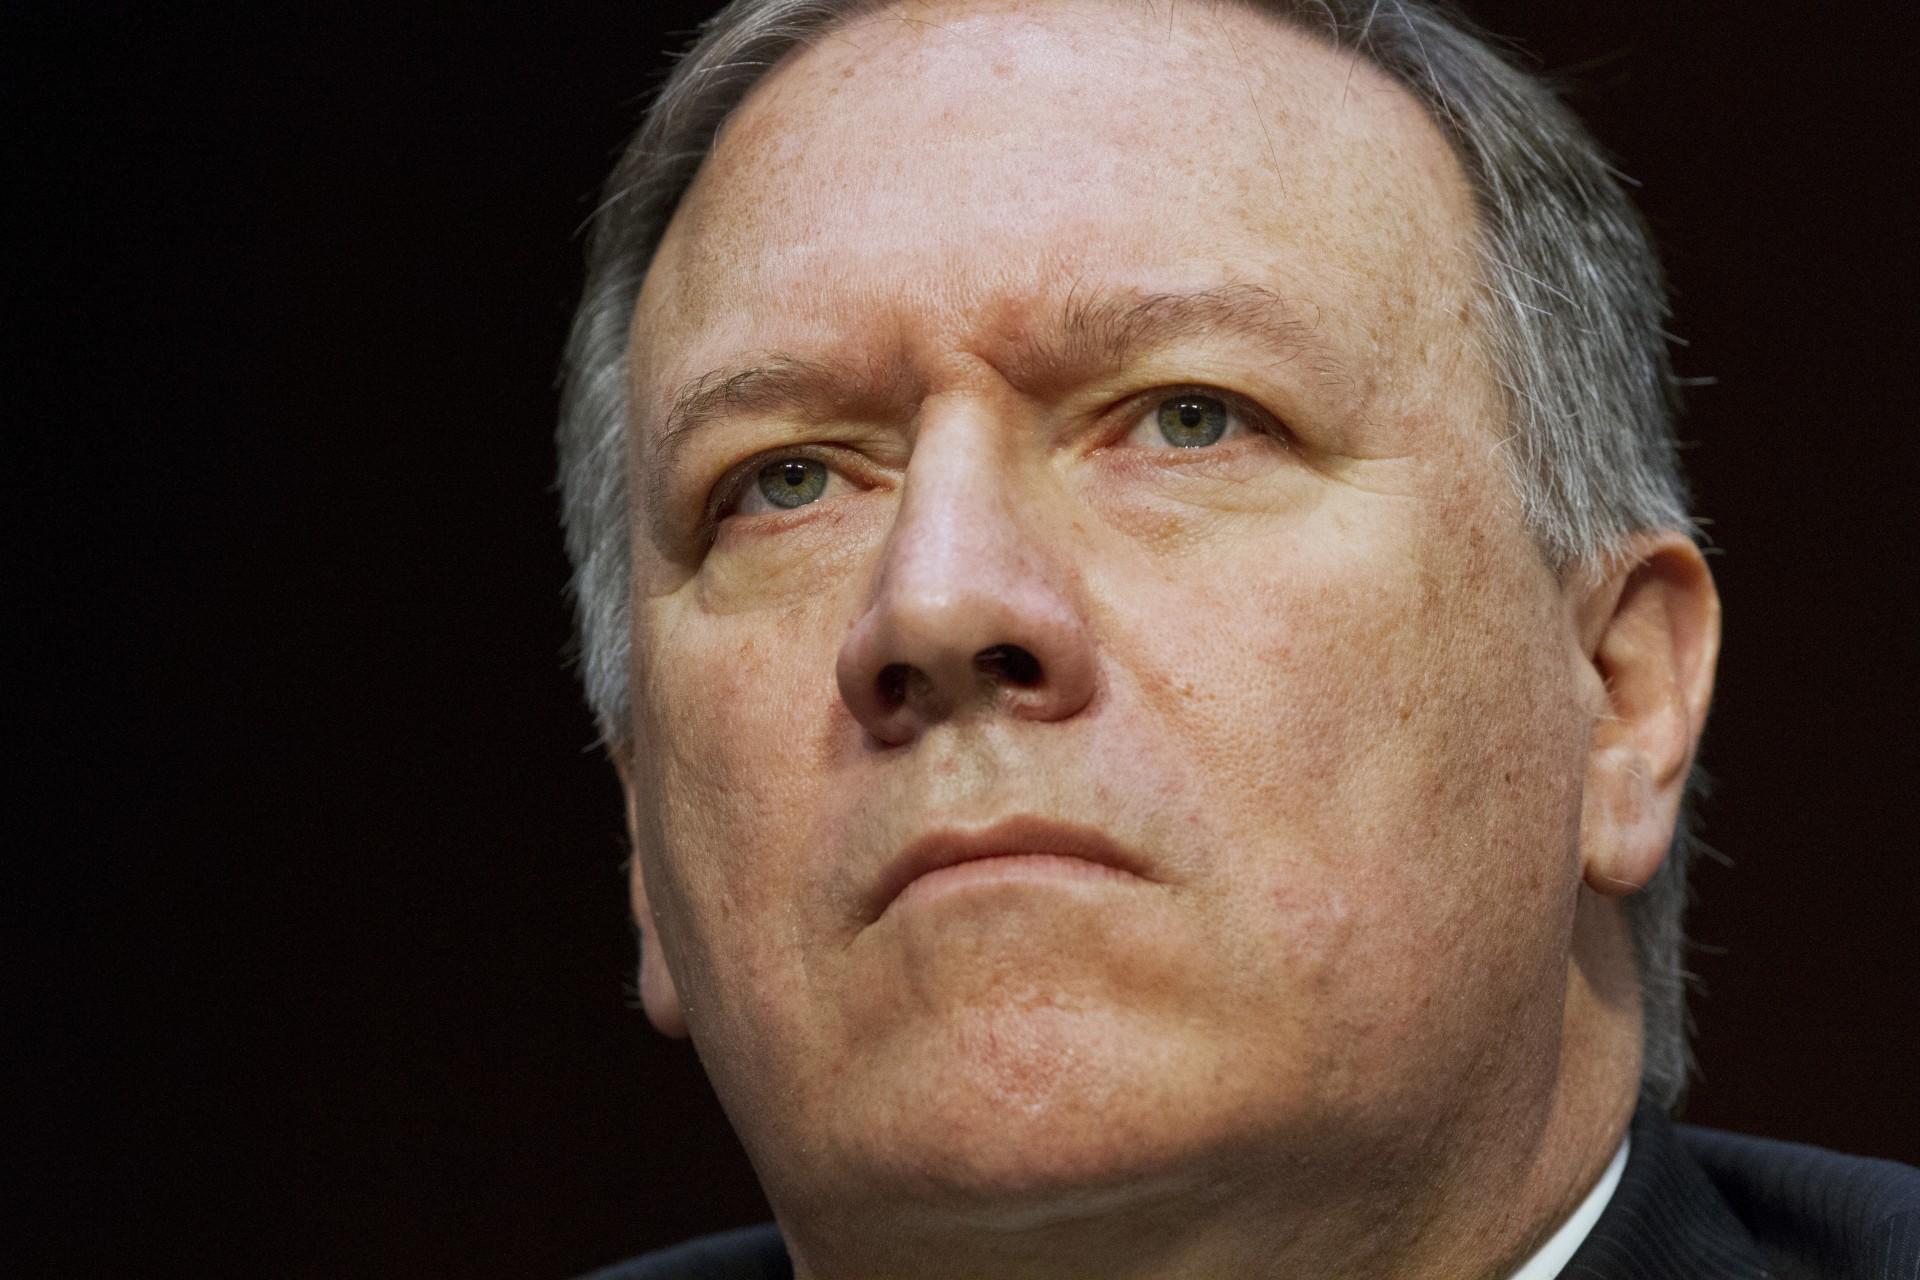 El secretario de Estado de EEUU Mike Pompeo (AP /Jacquelyn Martin, archivo)